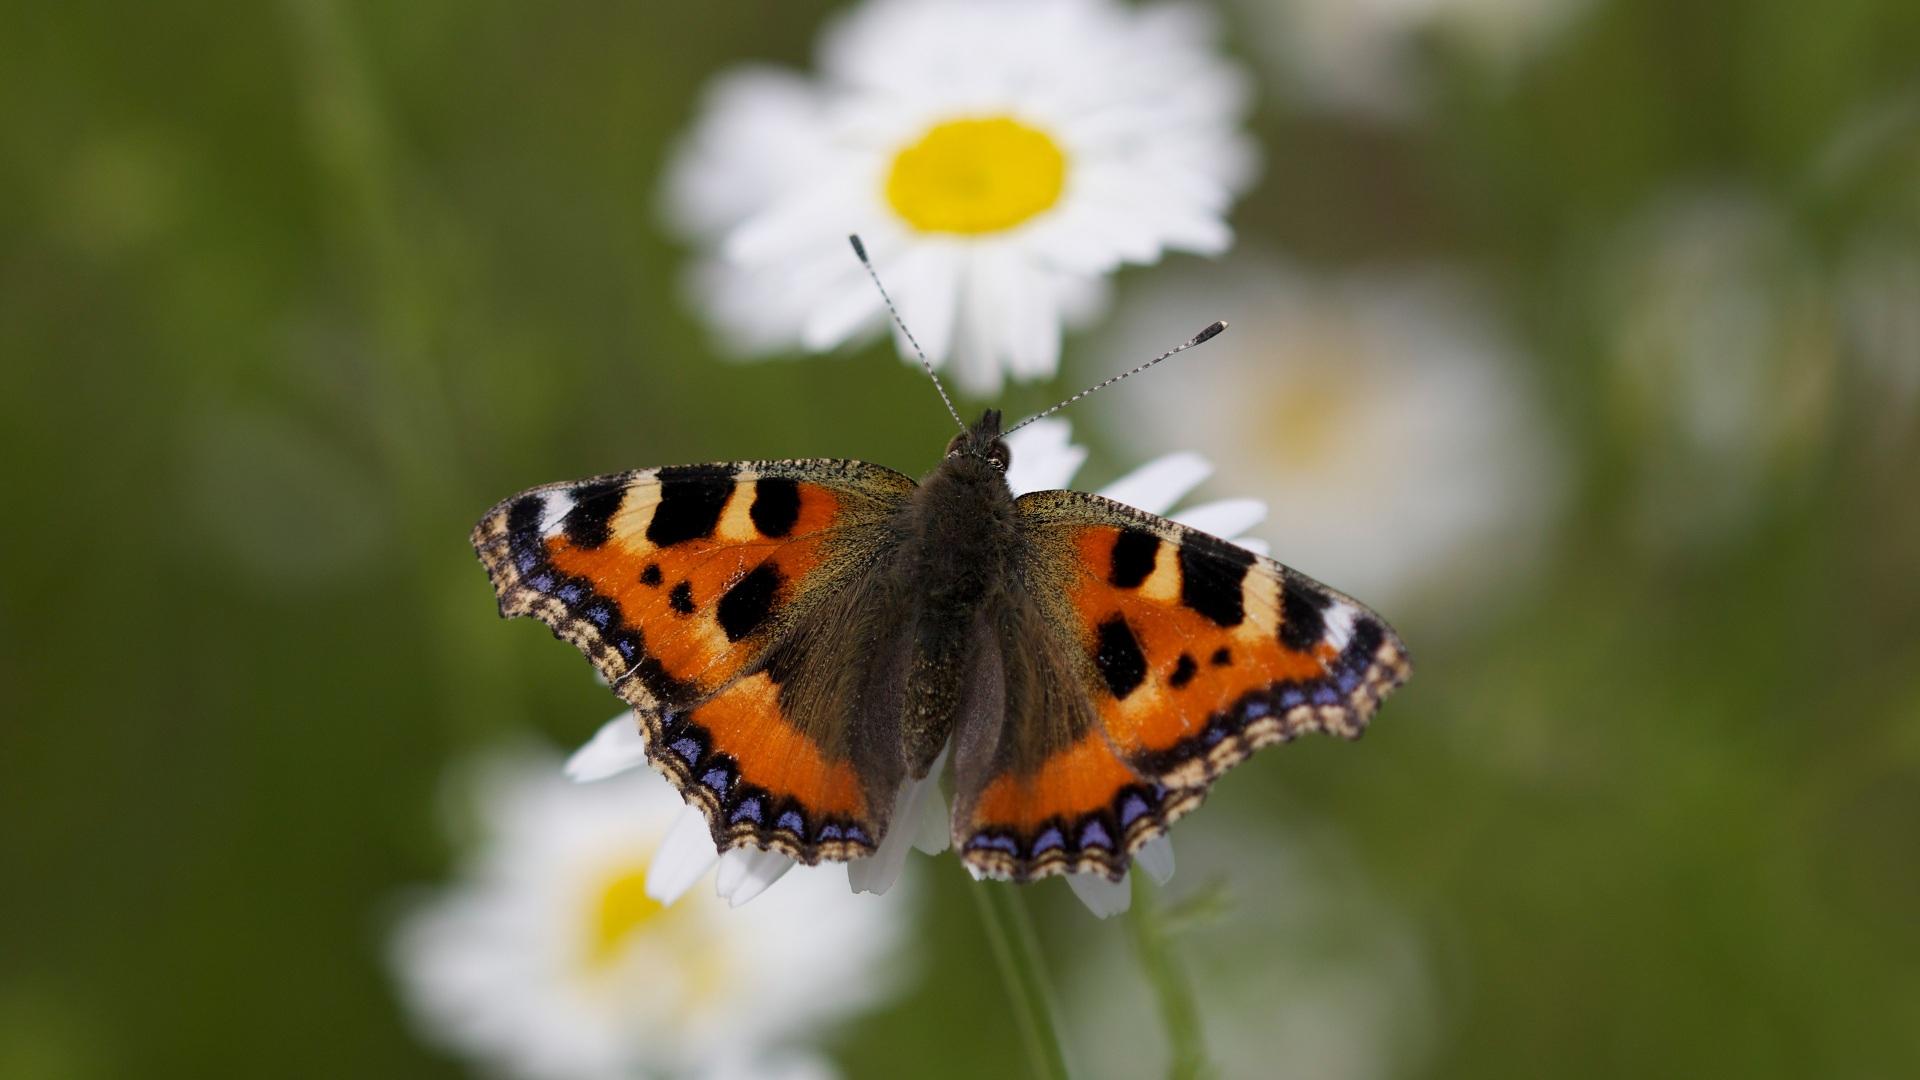 Desktop Hintergrundbilder Schmetterlinge Small tortoiseshell ein Tier Nahaufnahme 1920x1080 Schmetterling Tiere hautnah Großansicht